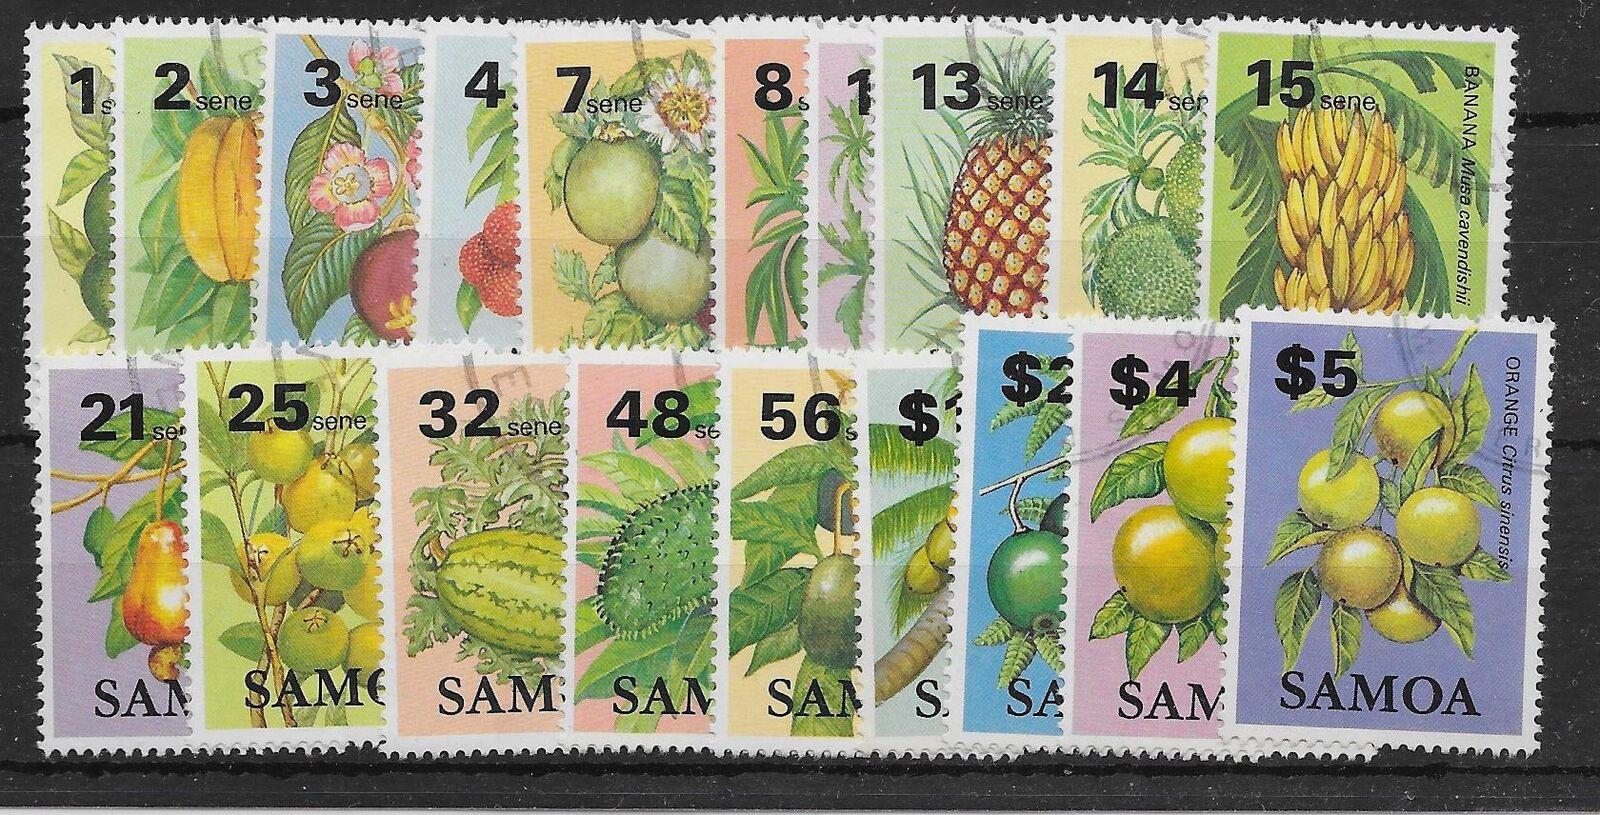 SAMOA SG647/65 1983 FRUITS DEFINITIVE SET USED